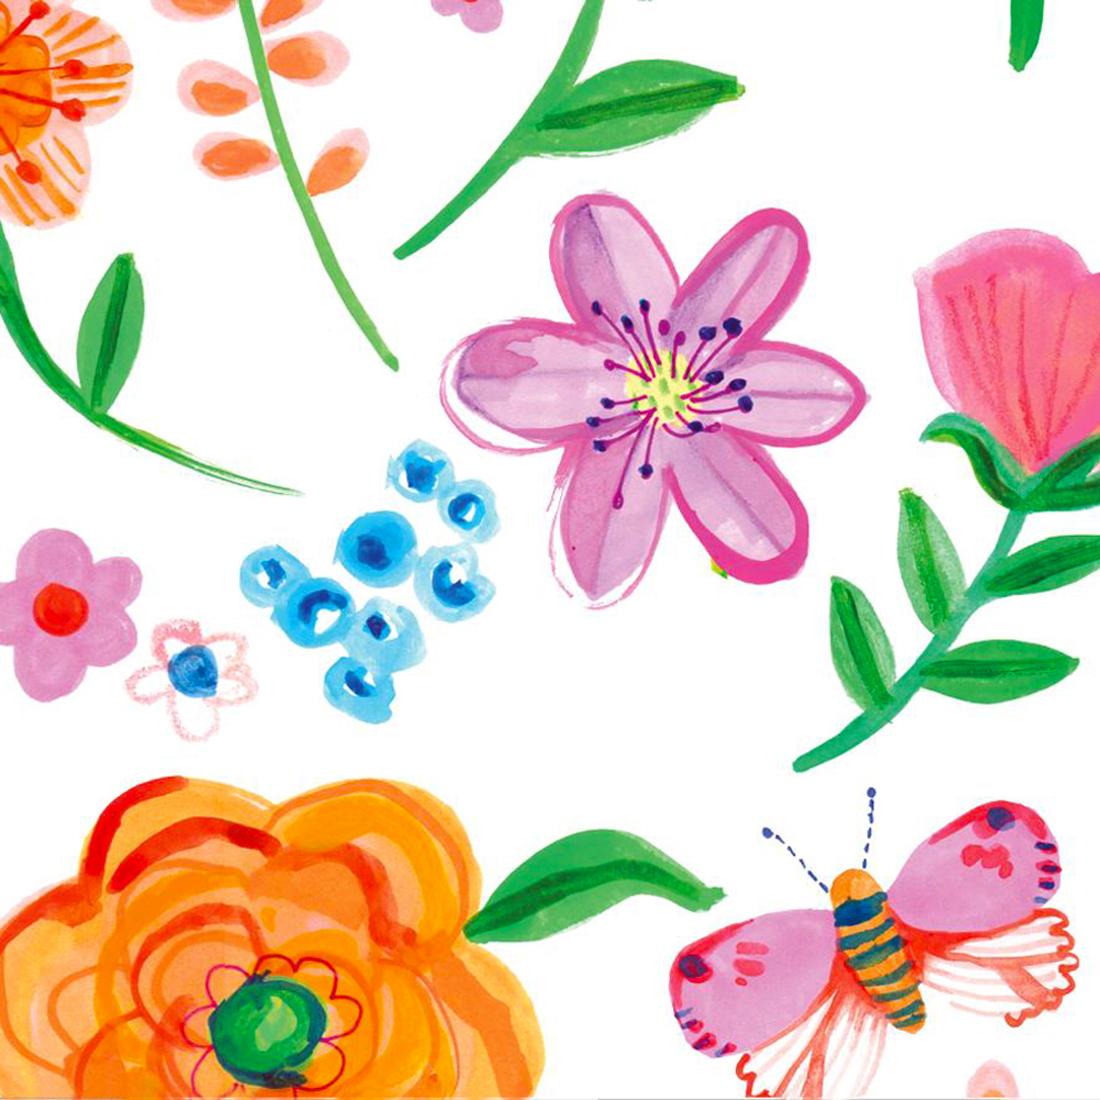 floral-pattern-design-emmajayne-designs